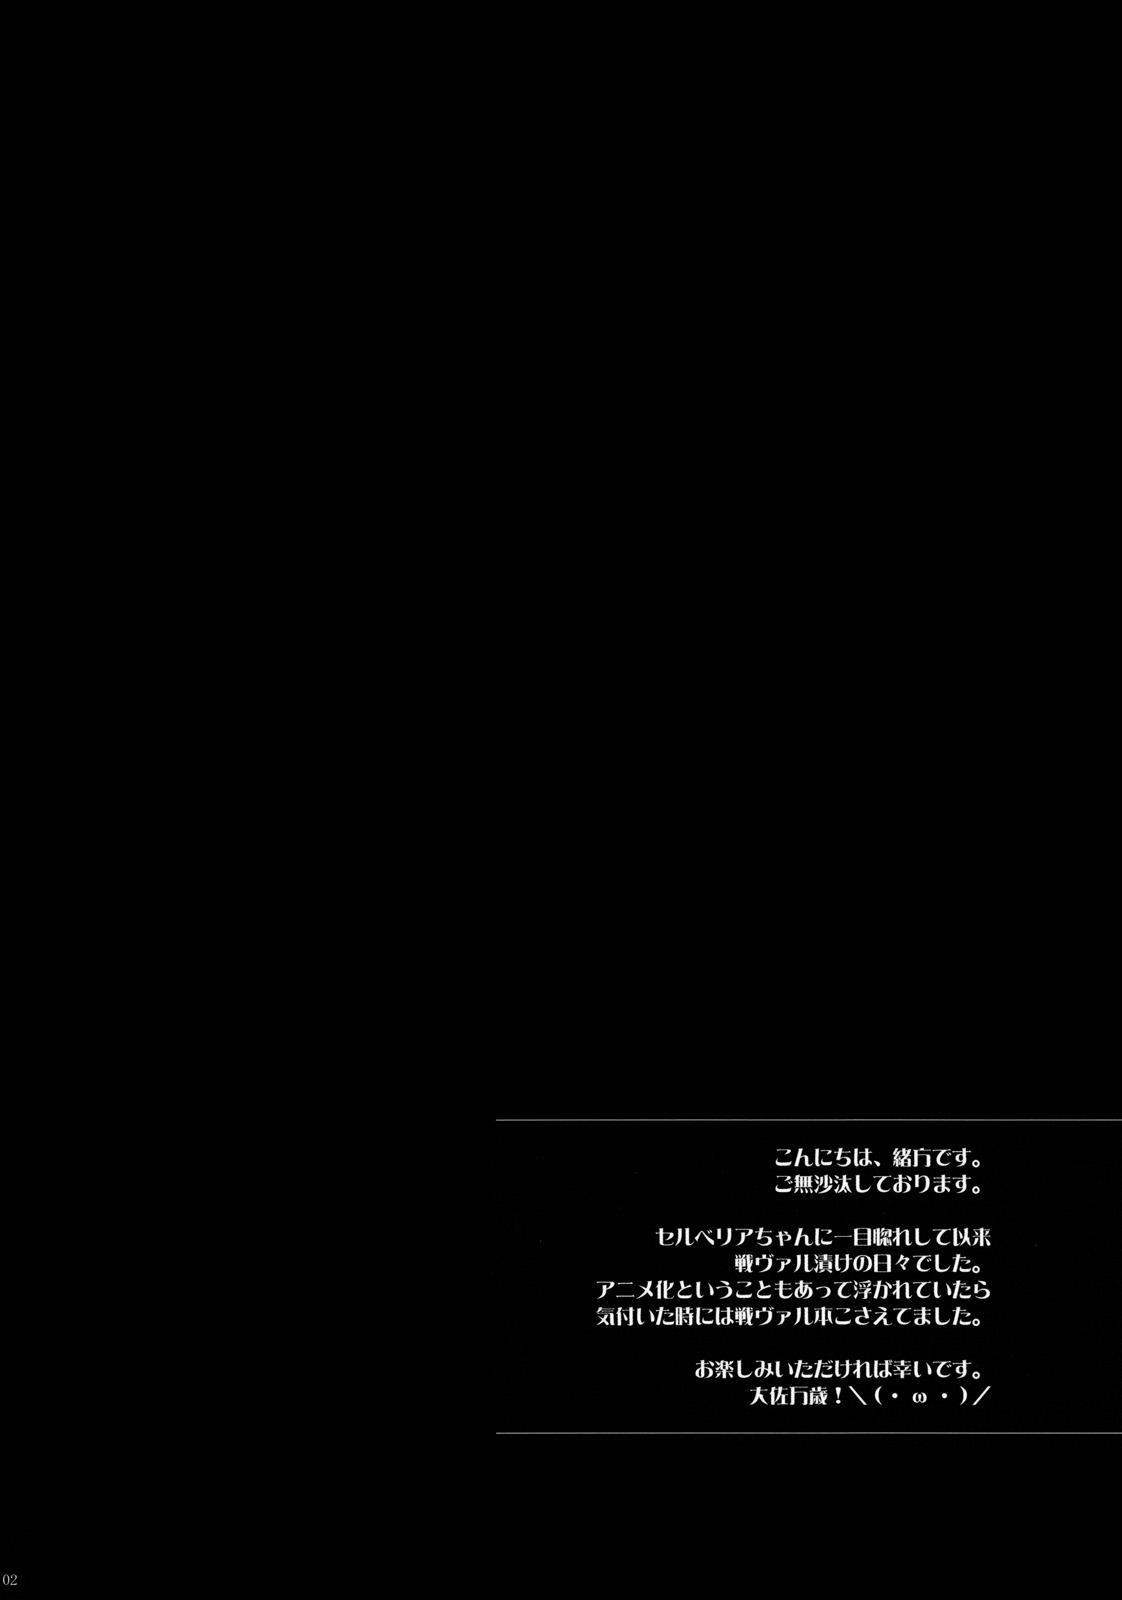 Dai Nana Chijo Buntai ~ Ute, Alicia no Tebukuro ni ~ 2